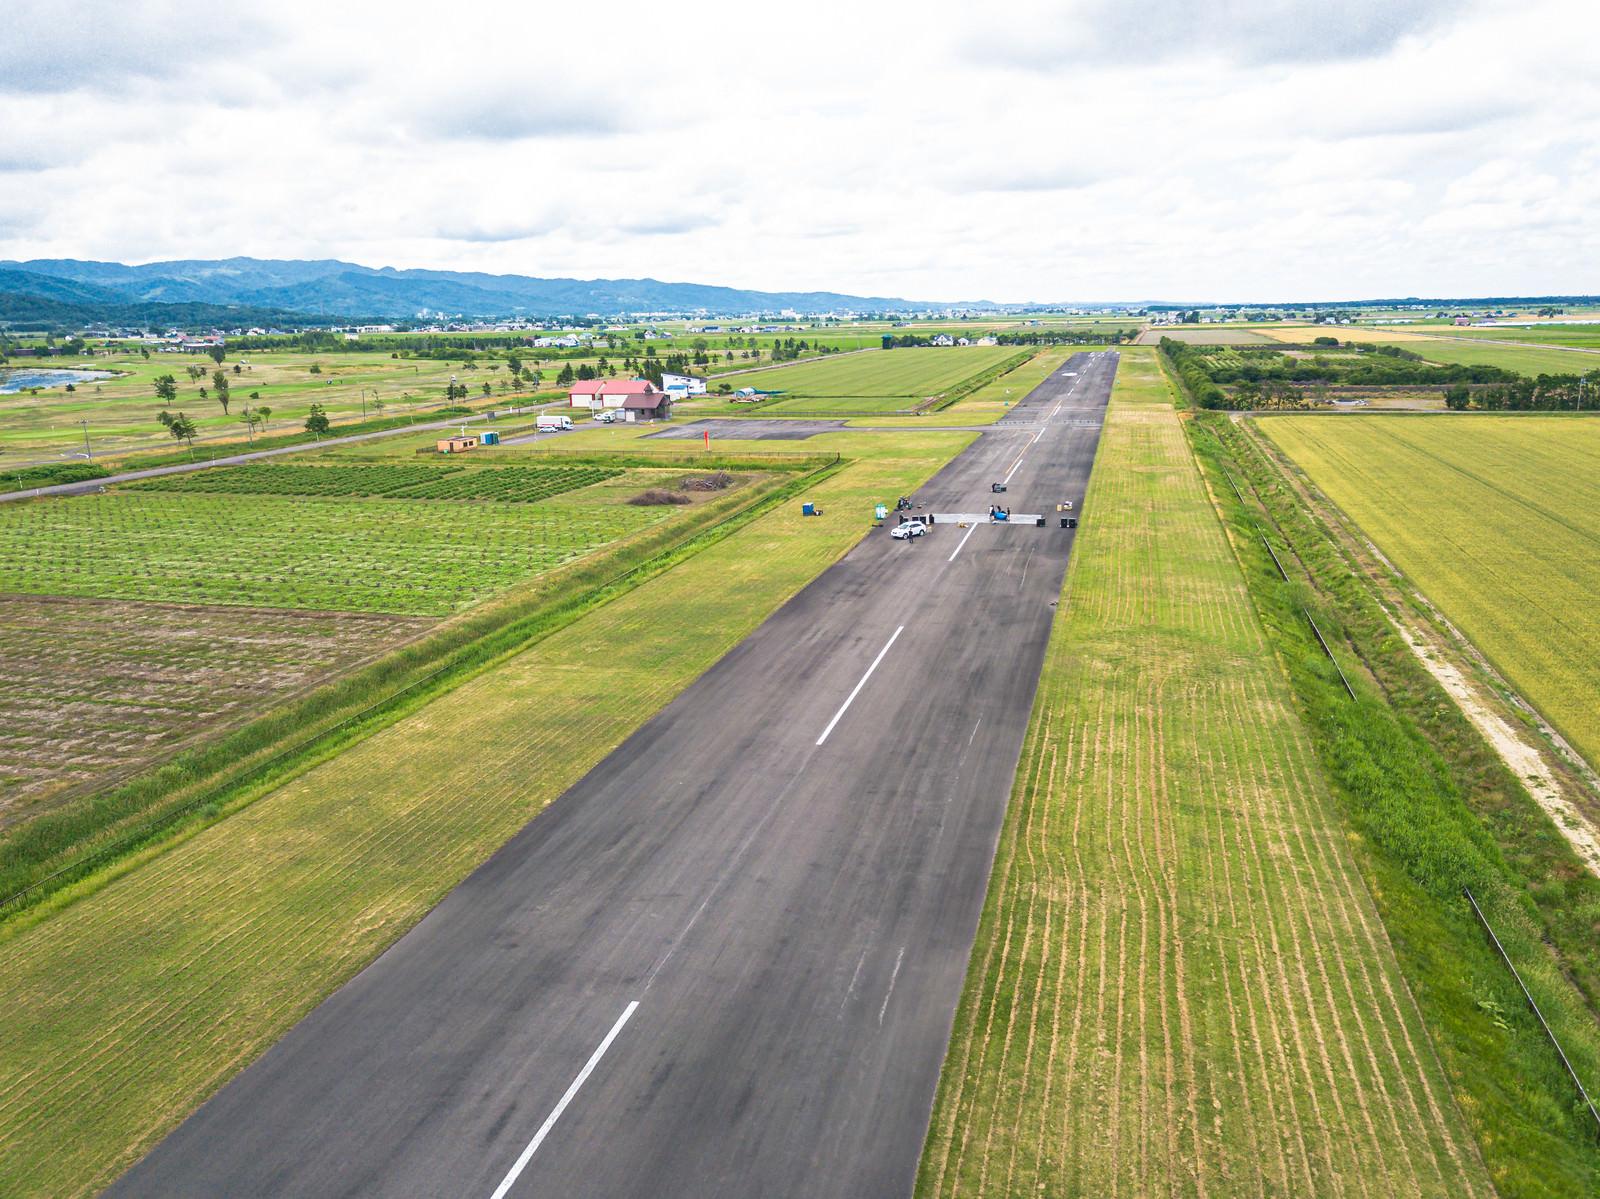 「一直線の滑走路(美唄市農道離着陸場)」の写真